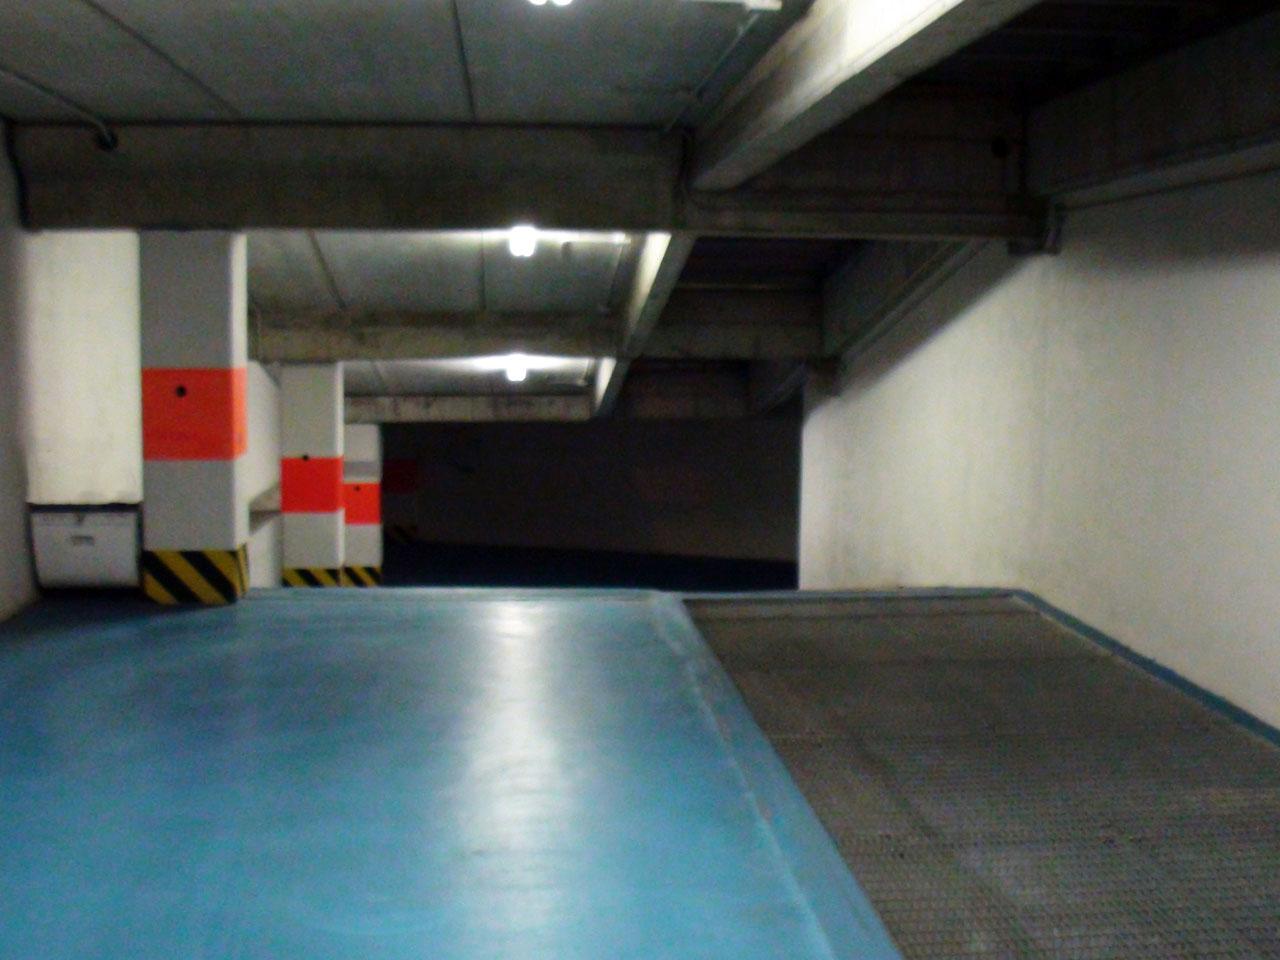 Rampa di accesso alla autorimessa al secondo piano interrato dal primo piano - Atlantic Business Center - Milano via Fantoli 7